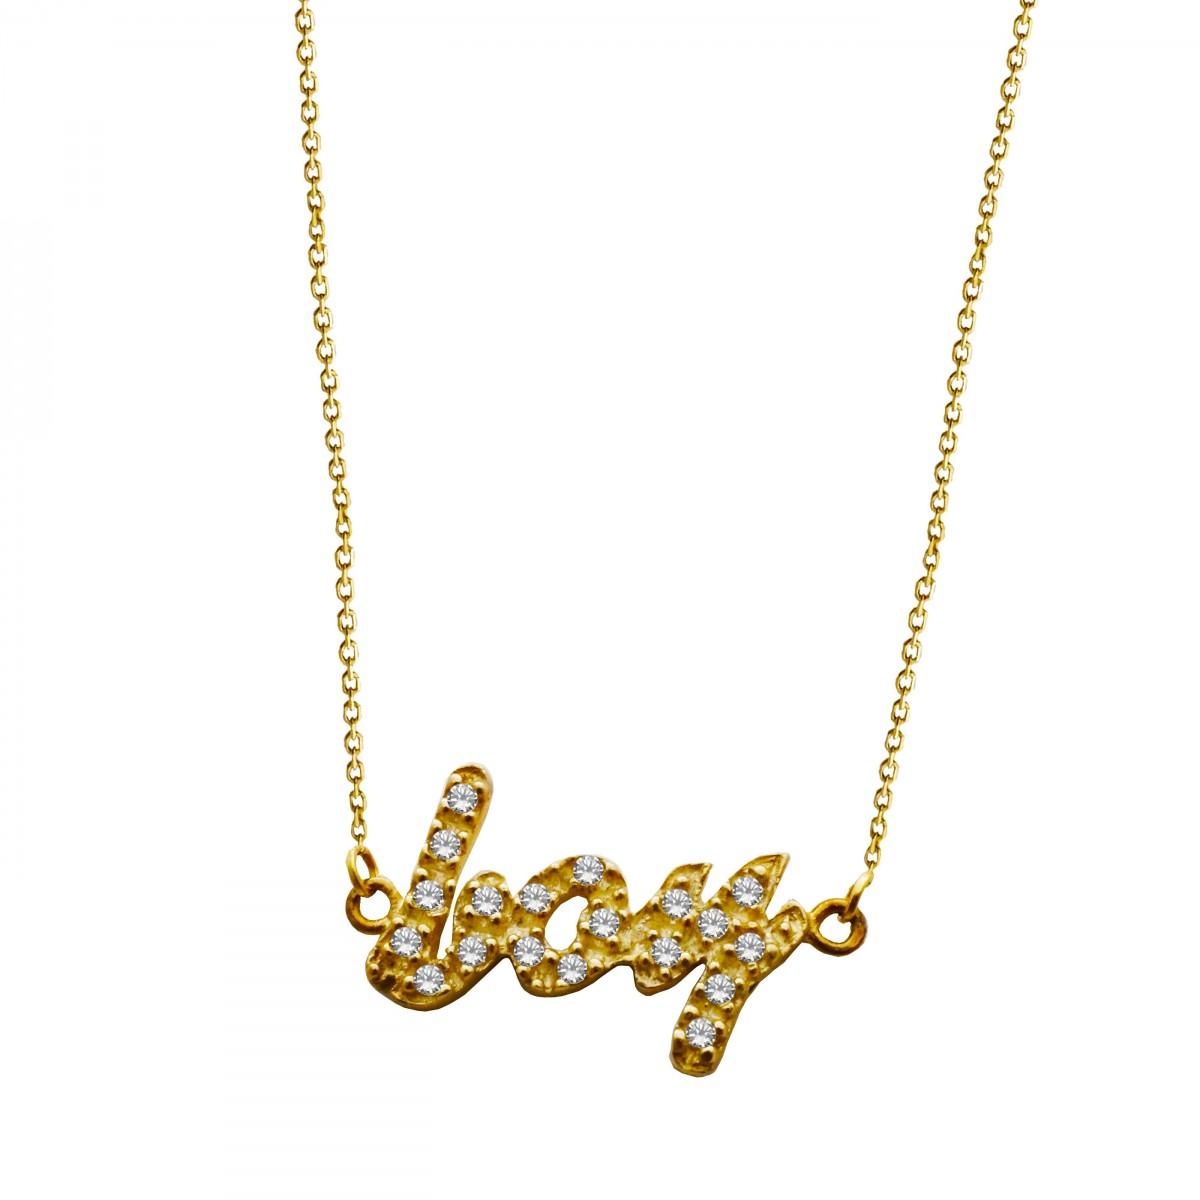 Κολιέ χρυσό boy 9 καράτια - 78€ 9dc91a284b4